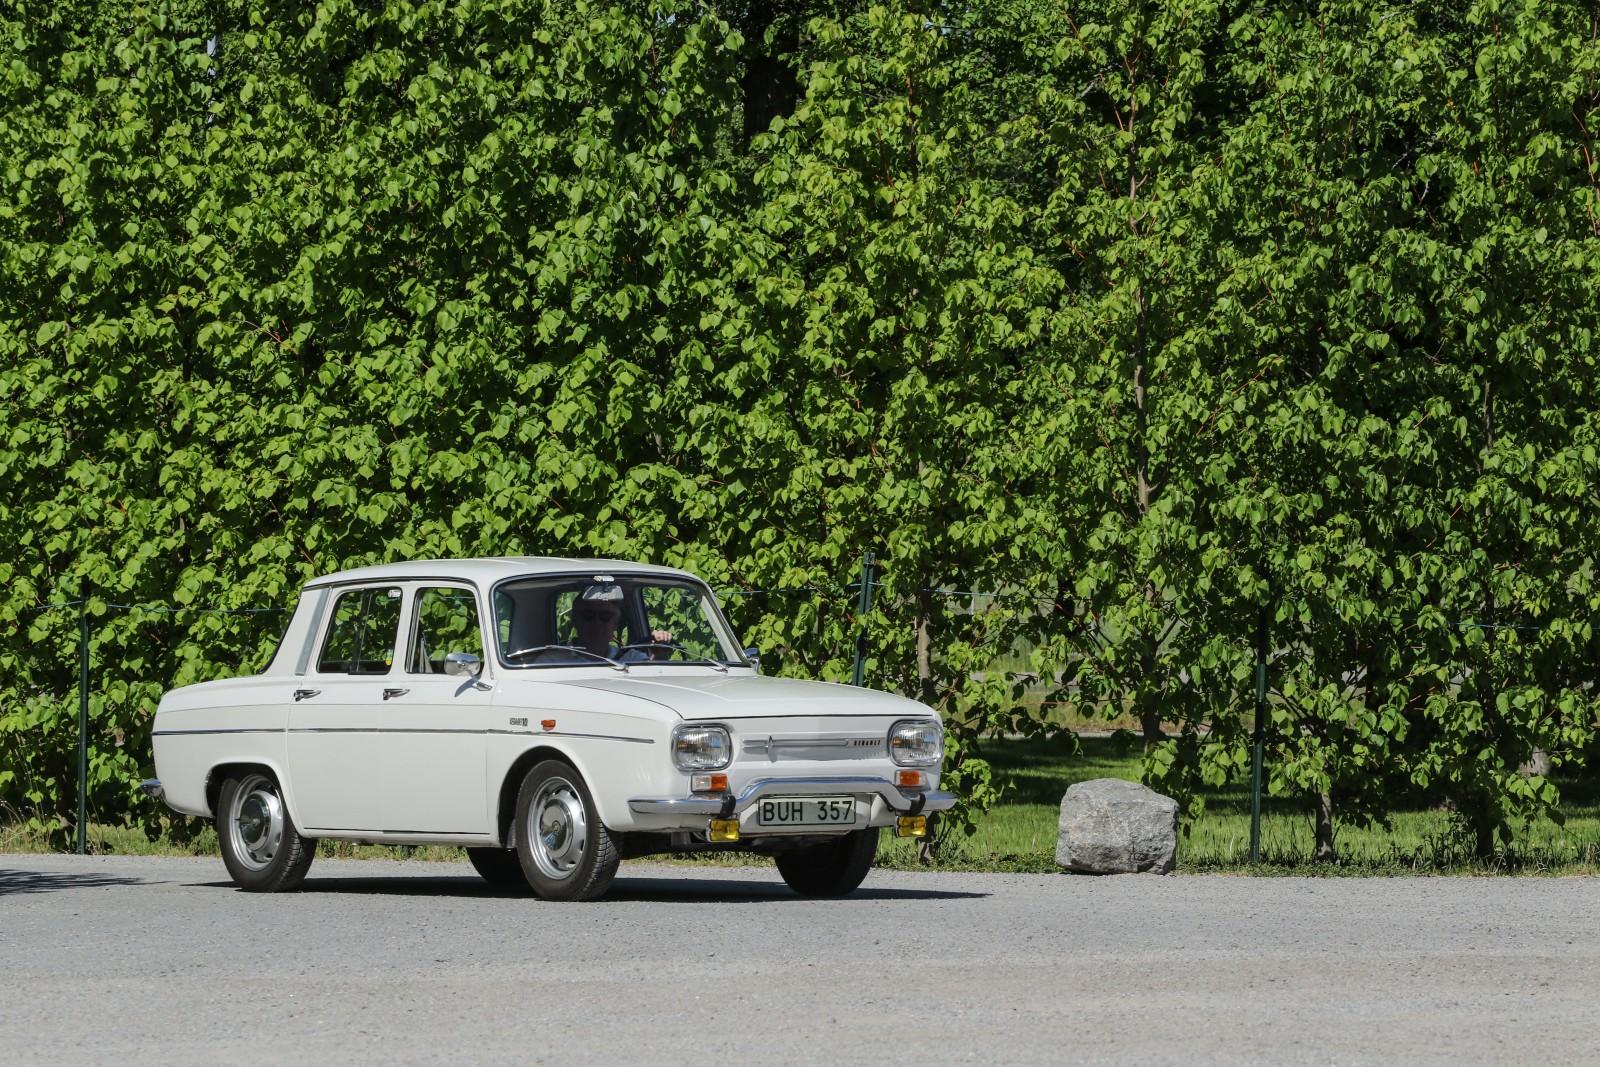 Var sista utvecklingssteget i Renaults svansmotorserie det mest fulländade? Vi kör en bedårande R10.